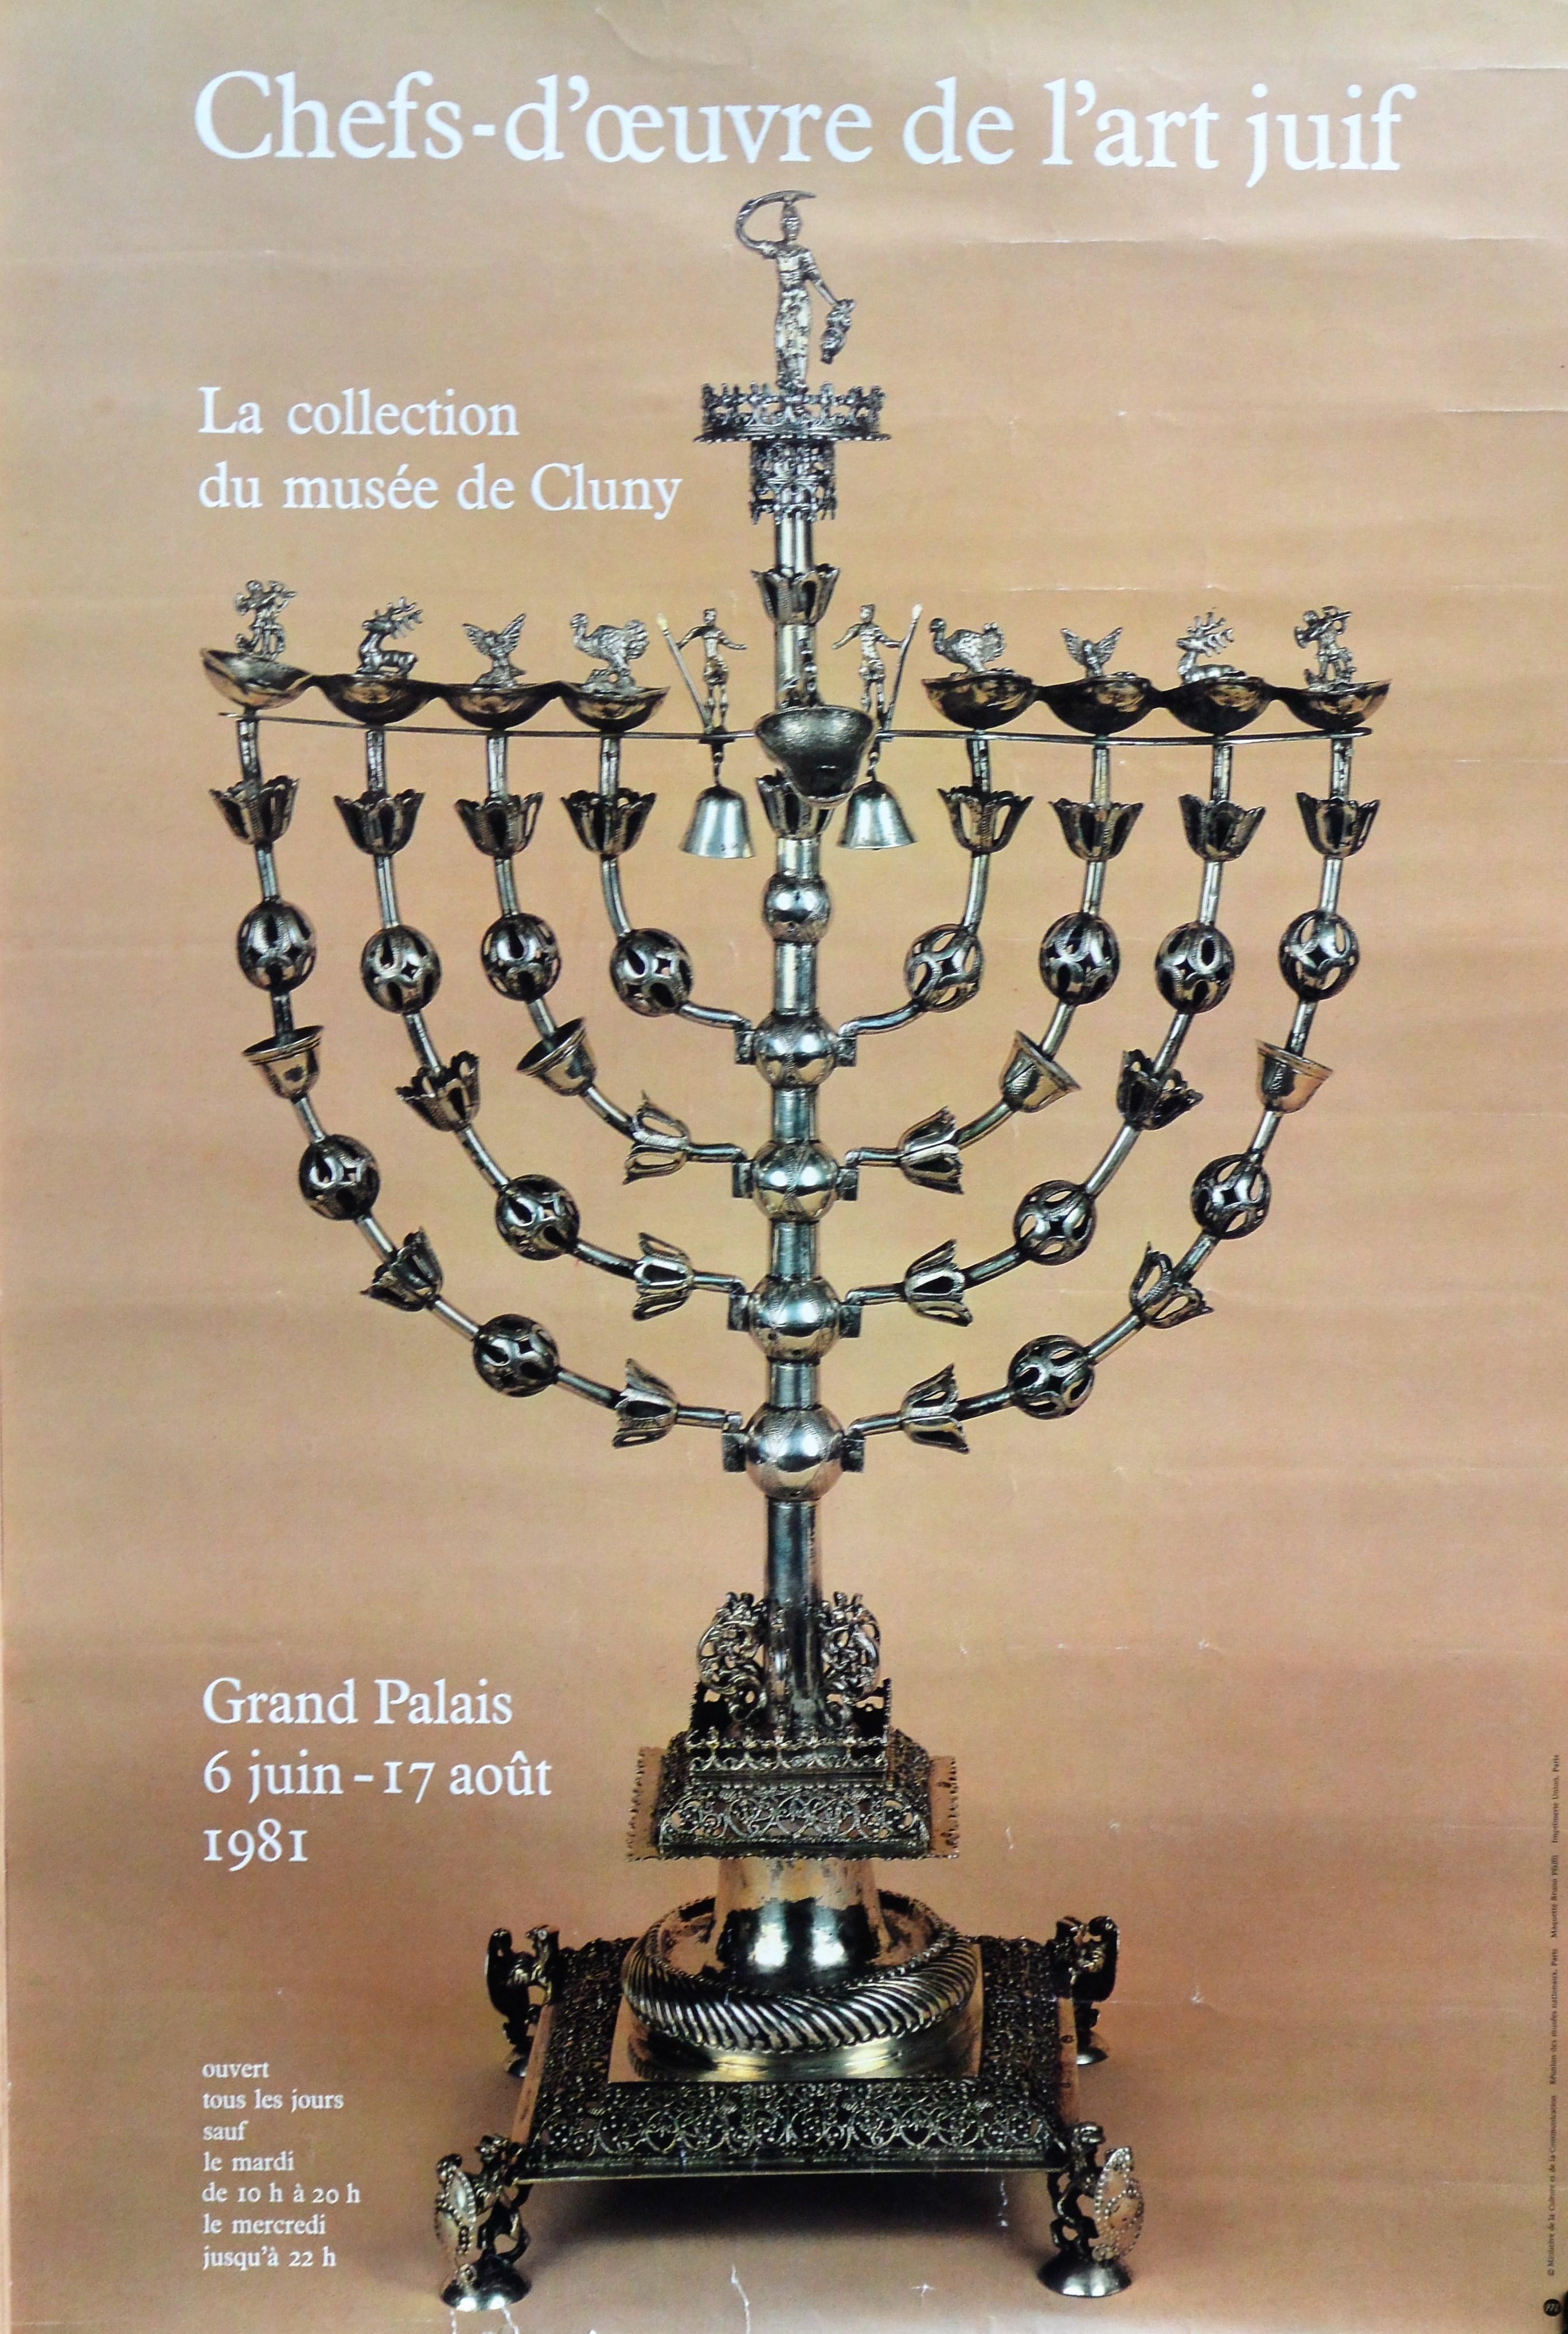 Chefs d oeuvre de l art juif la collection du mus e de cluny cartel original exposici n - Chef d oeuvre ...